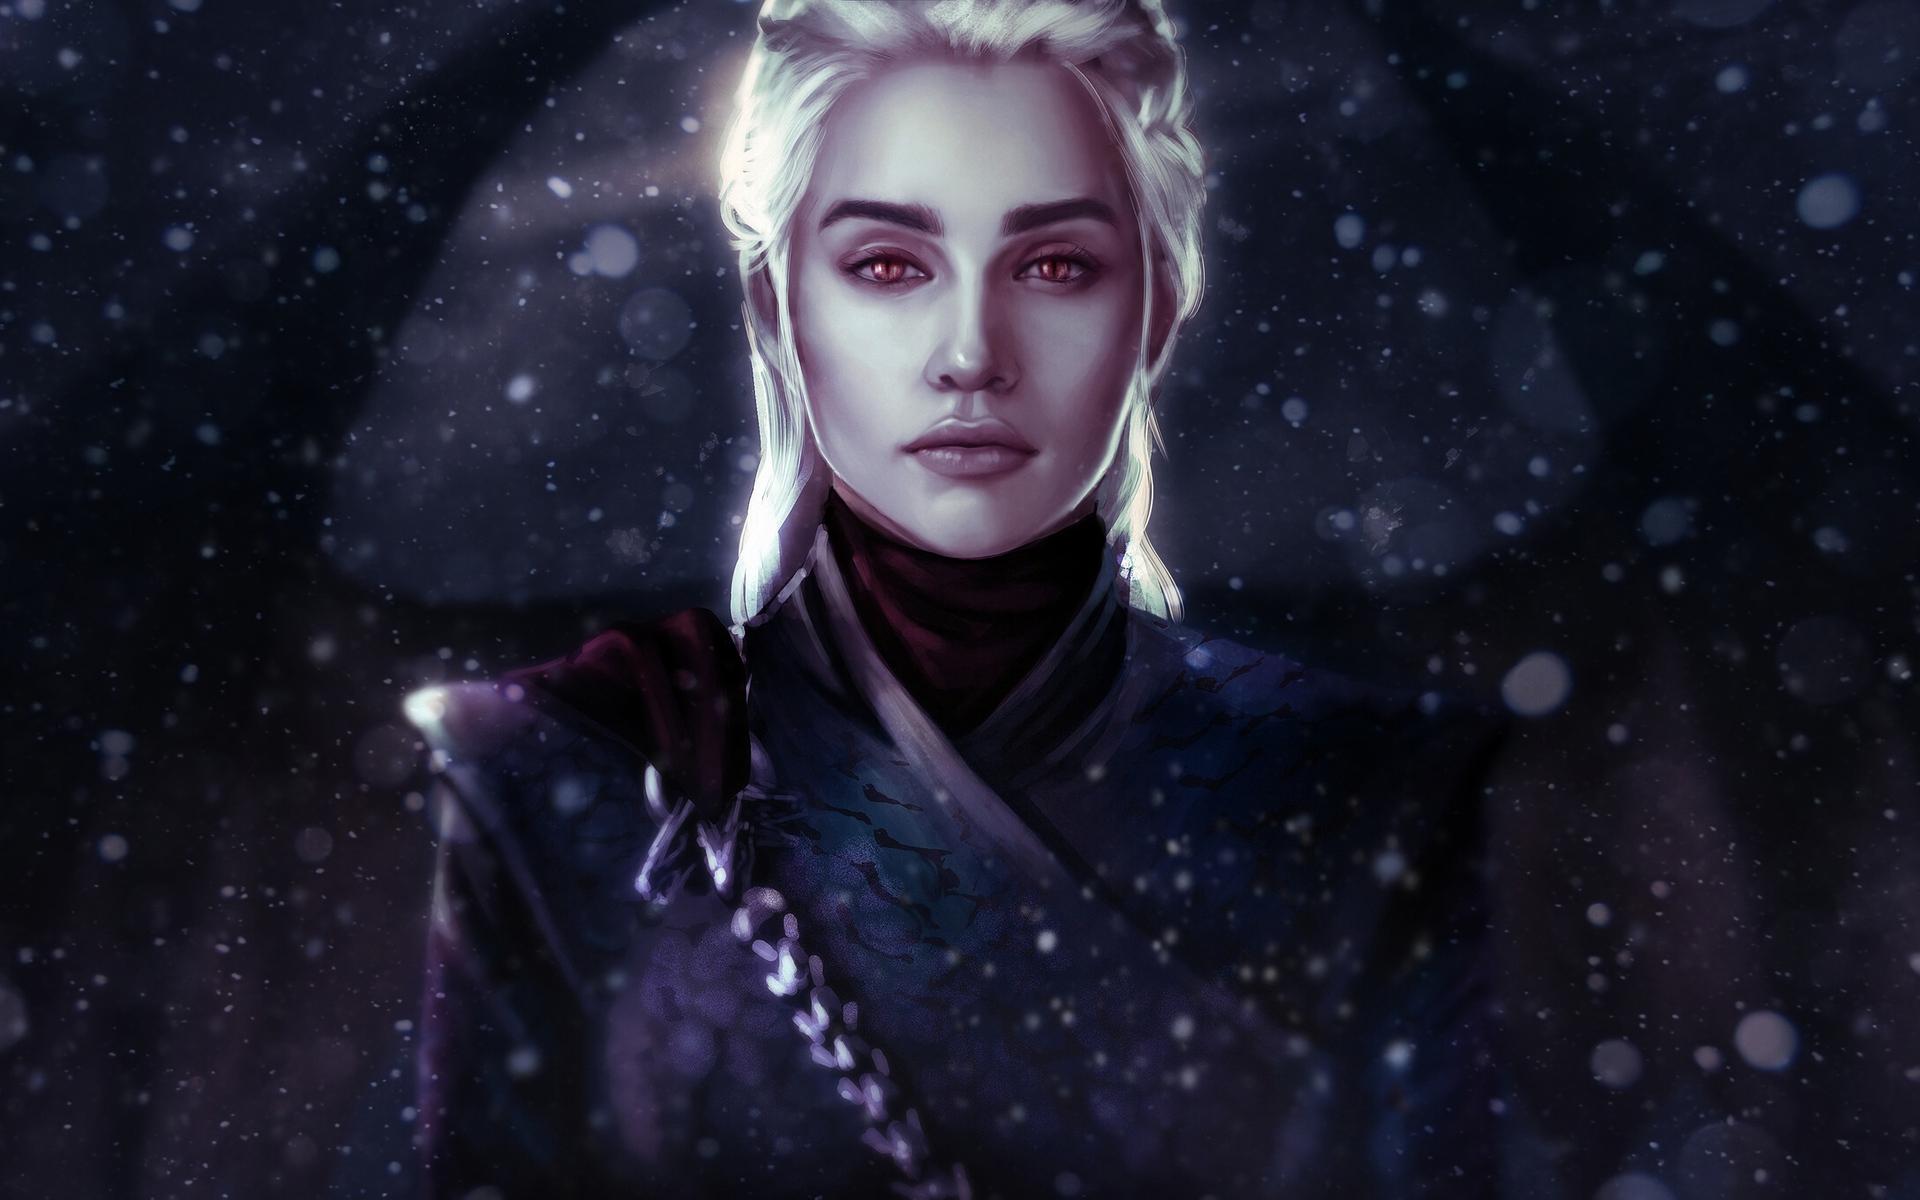 daenerys-targaryen-got-hh.jpg